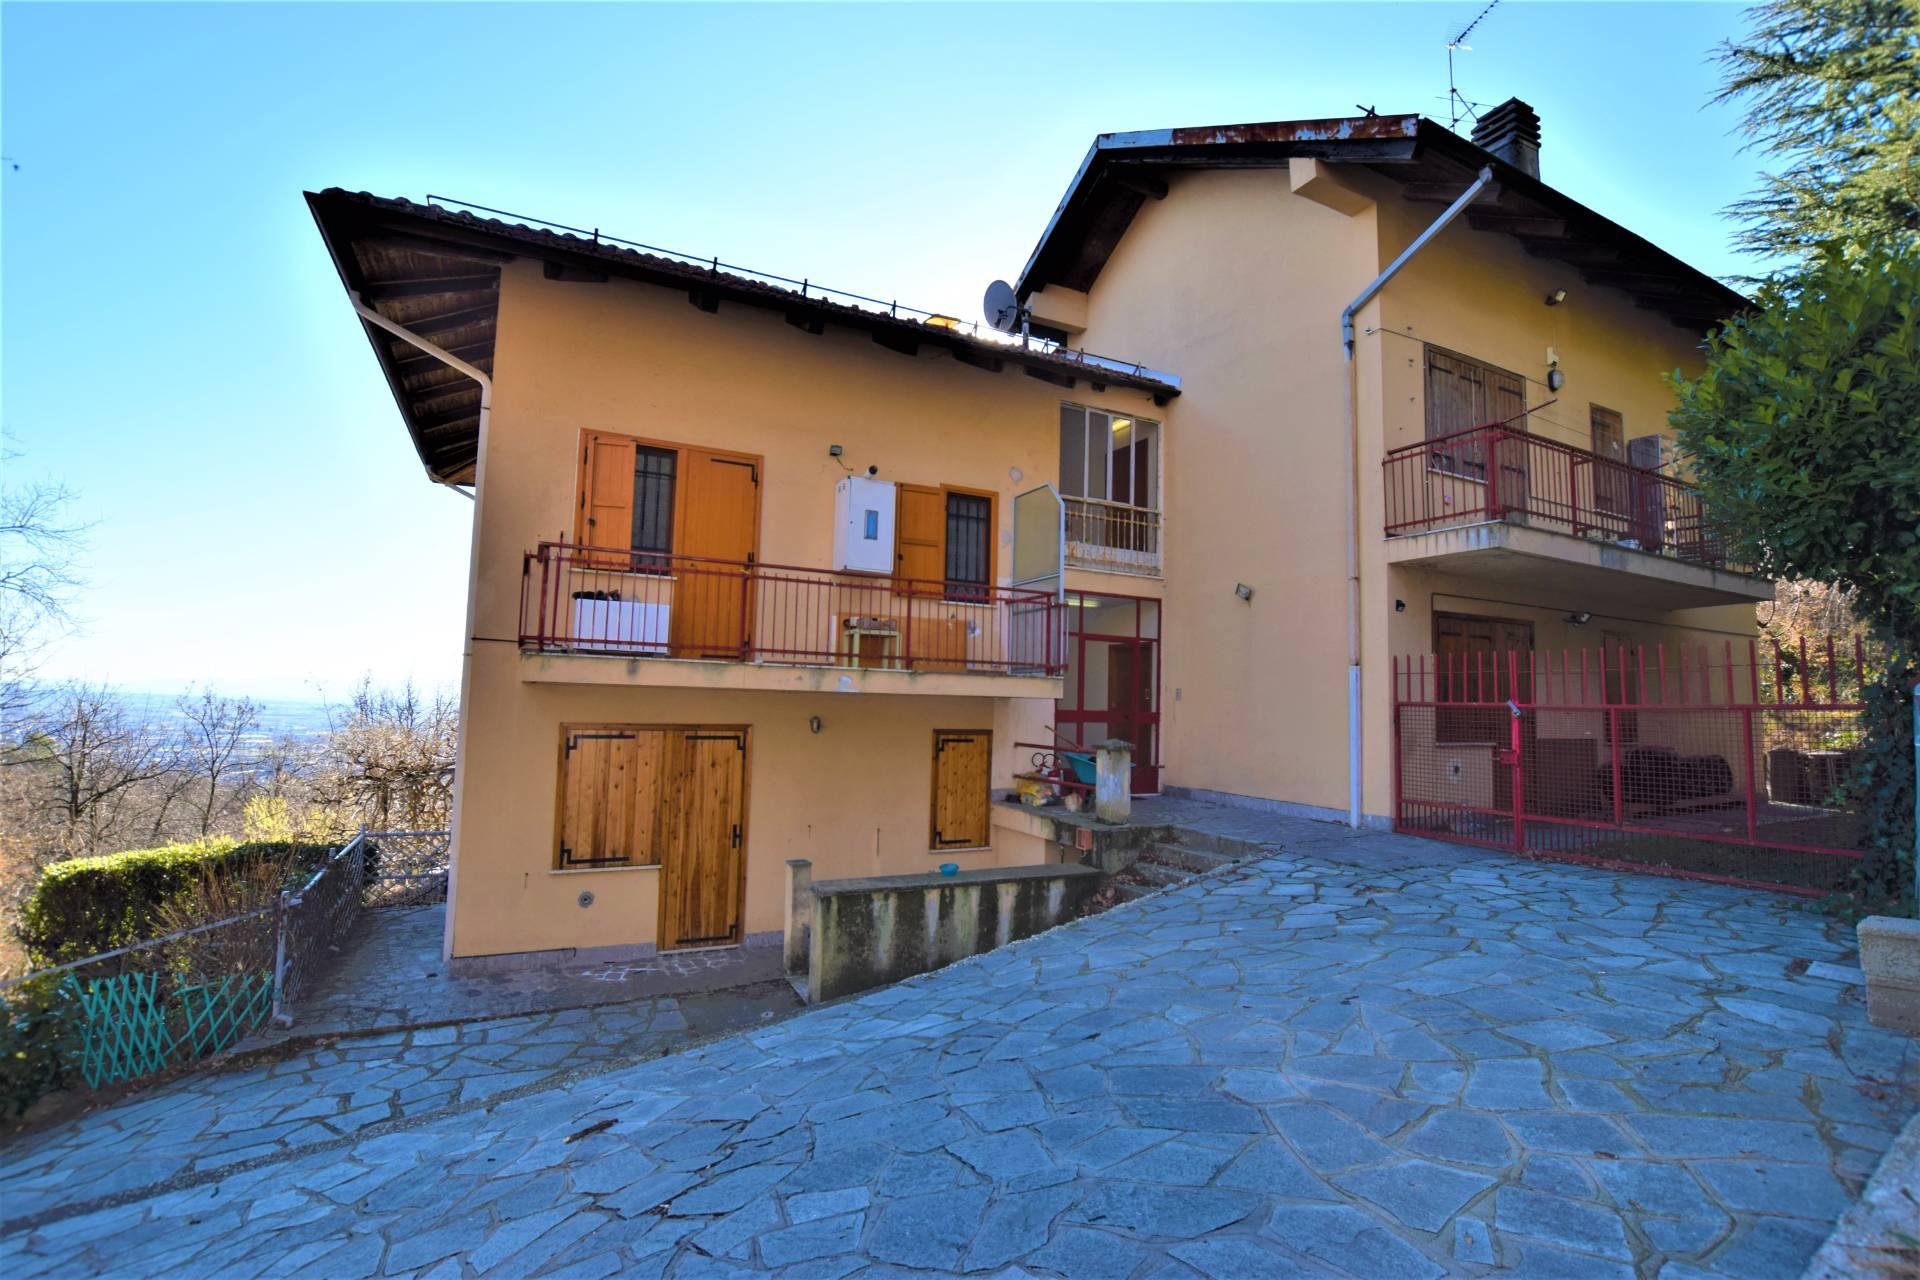 Comune Di Pecetto Torinese appartamento in vendita a pecetto torinese rif. nuo v000407